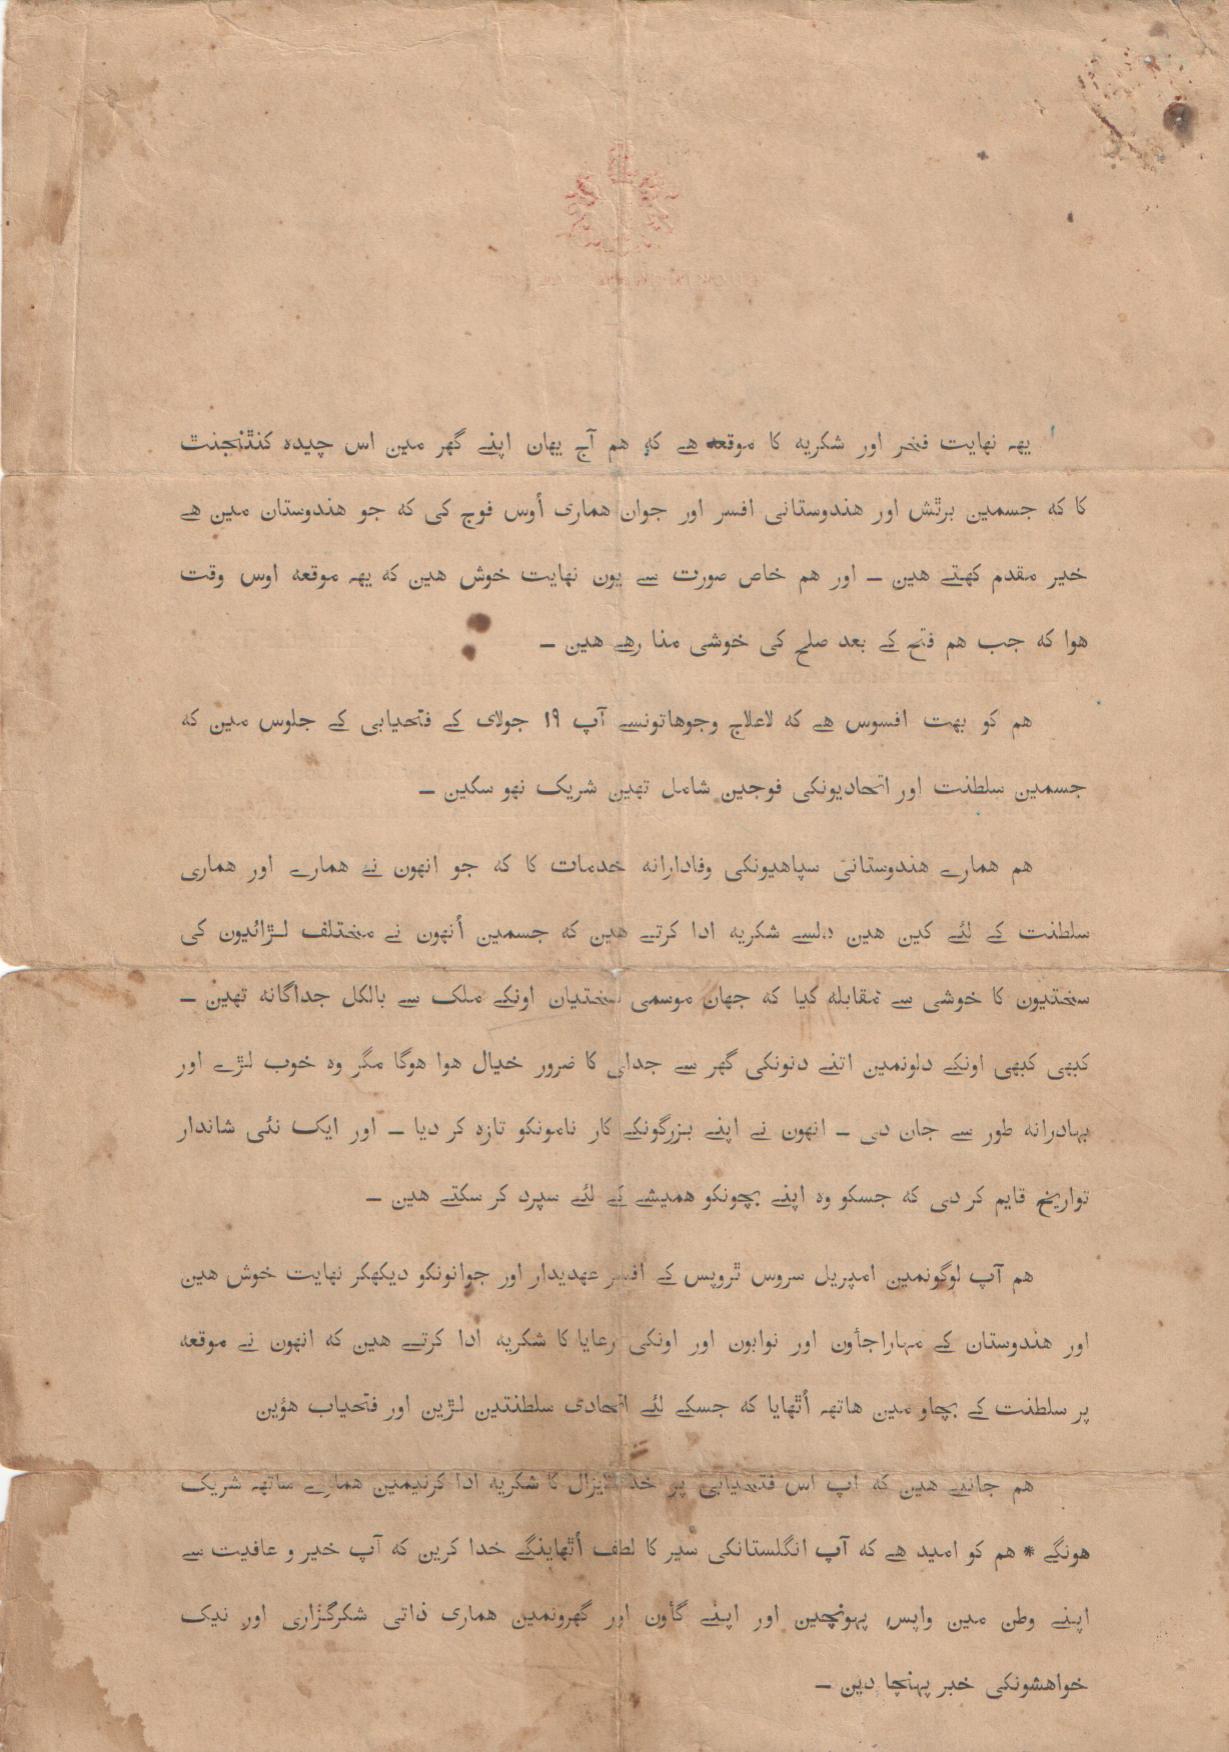 King's speech, August 1919 (2/2)